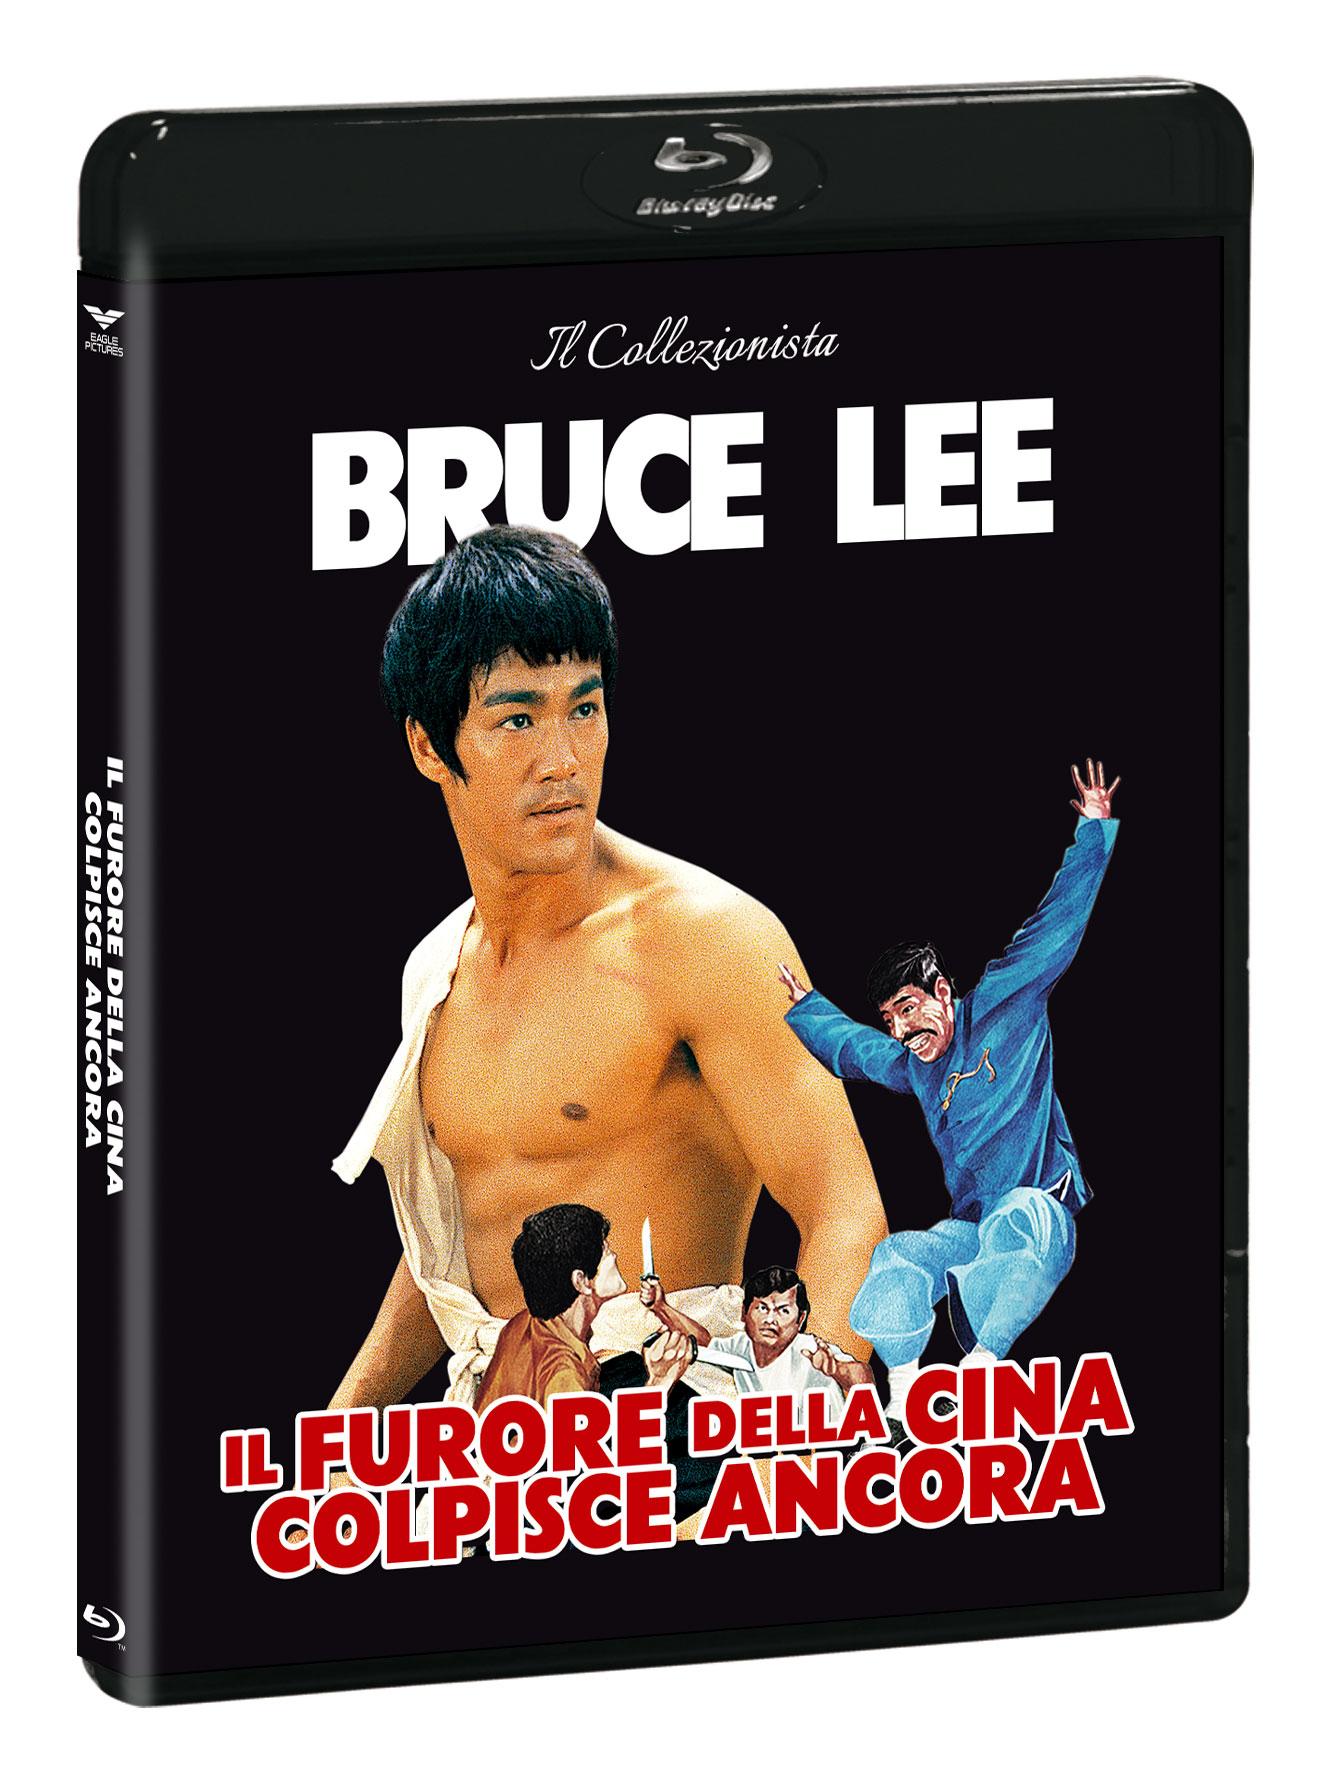 IL FURORE DELLA CINA COLPISCE ANCORA (BLU-RAY+DVD)